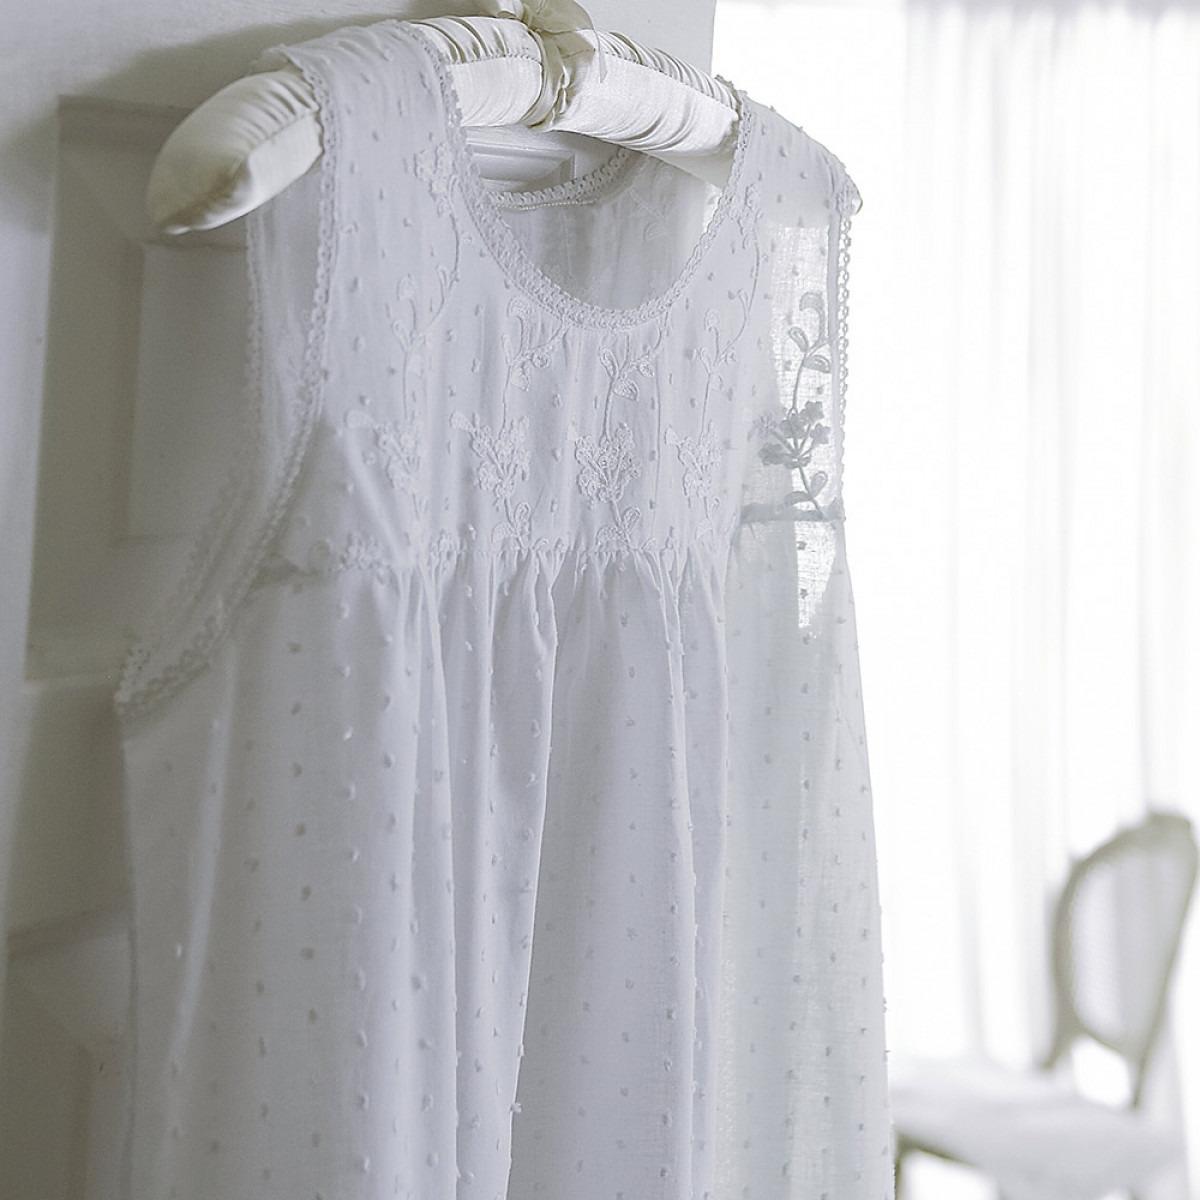 Violette nightdress